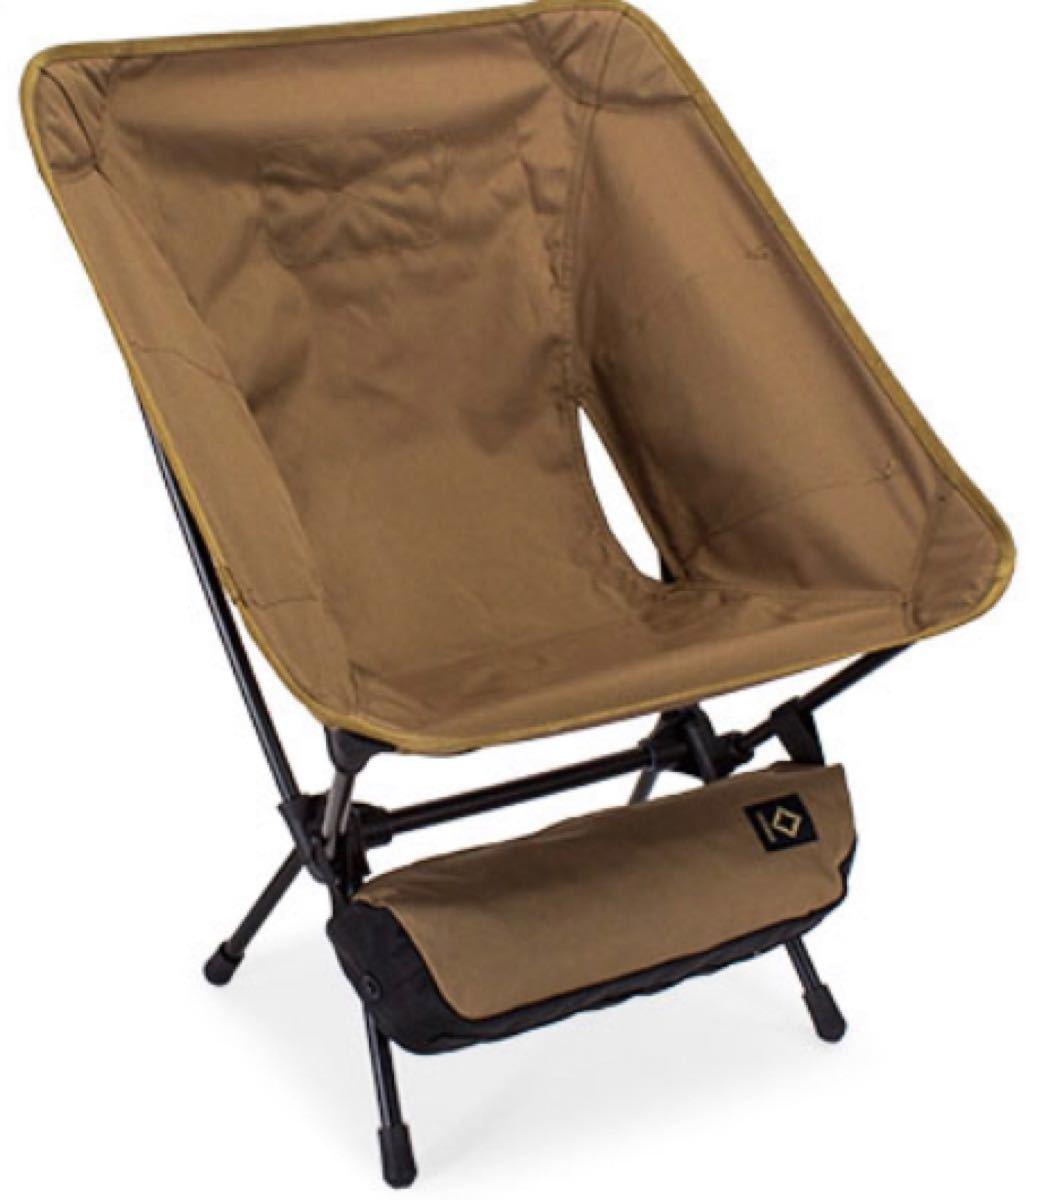 ヘリノックス【Helinox】タクティカルチェア Tactical Chair